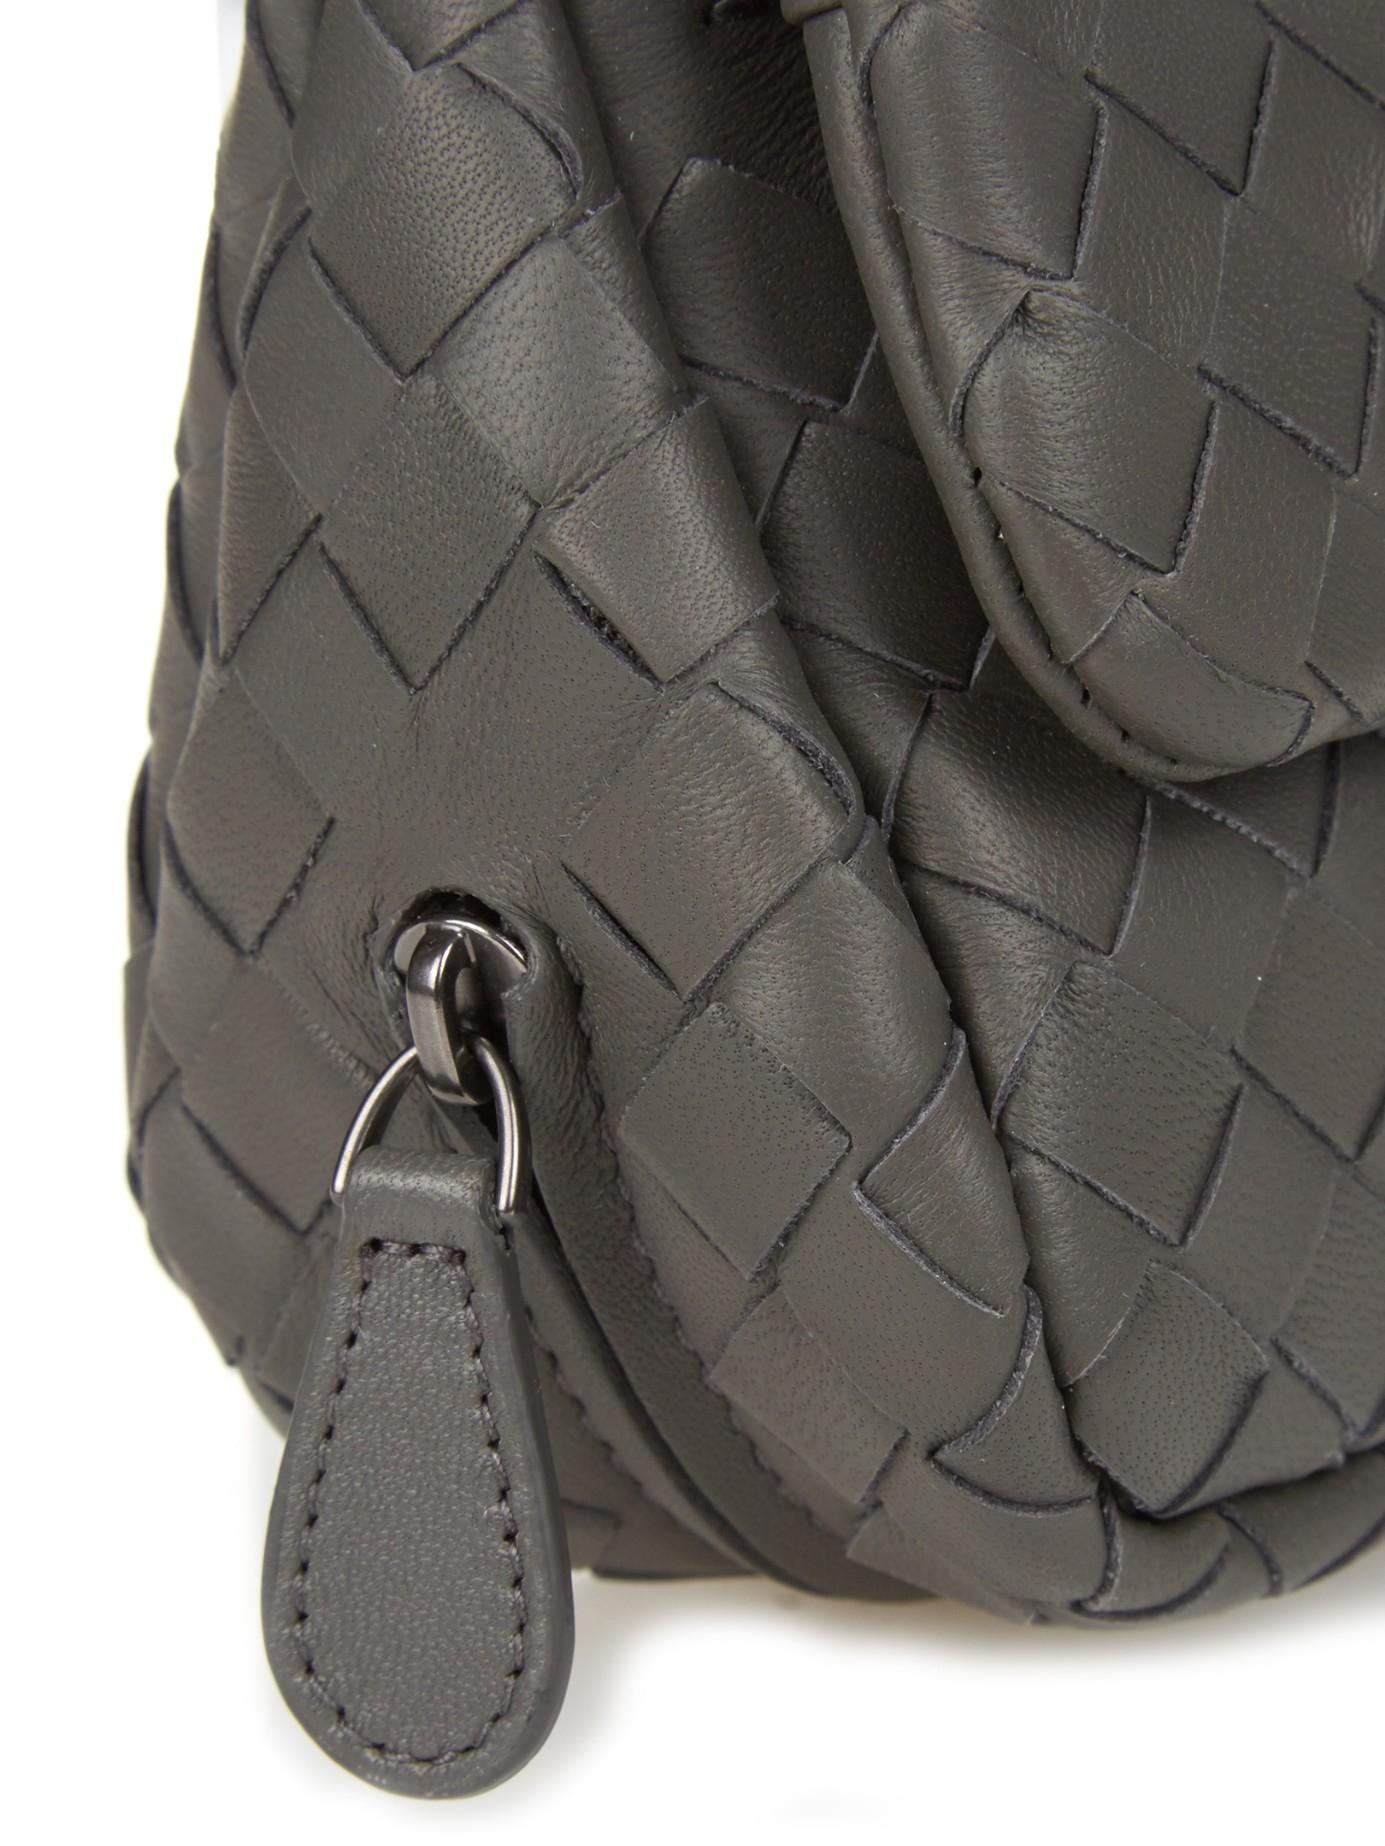 785fd3d7c9 Bottega Veneta Intrecciato Leather Cross-Body Bag in Gray - Lyst